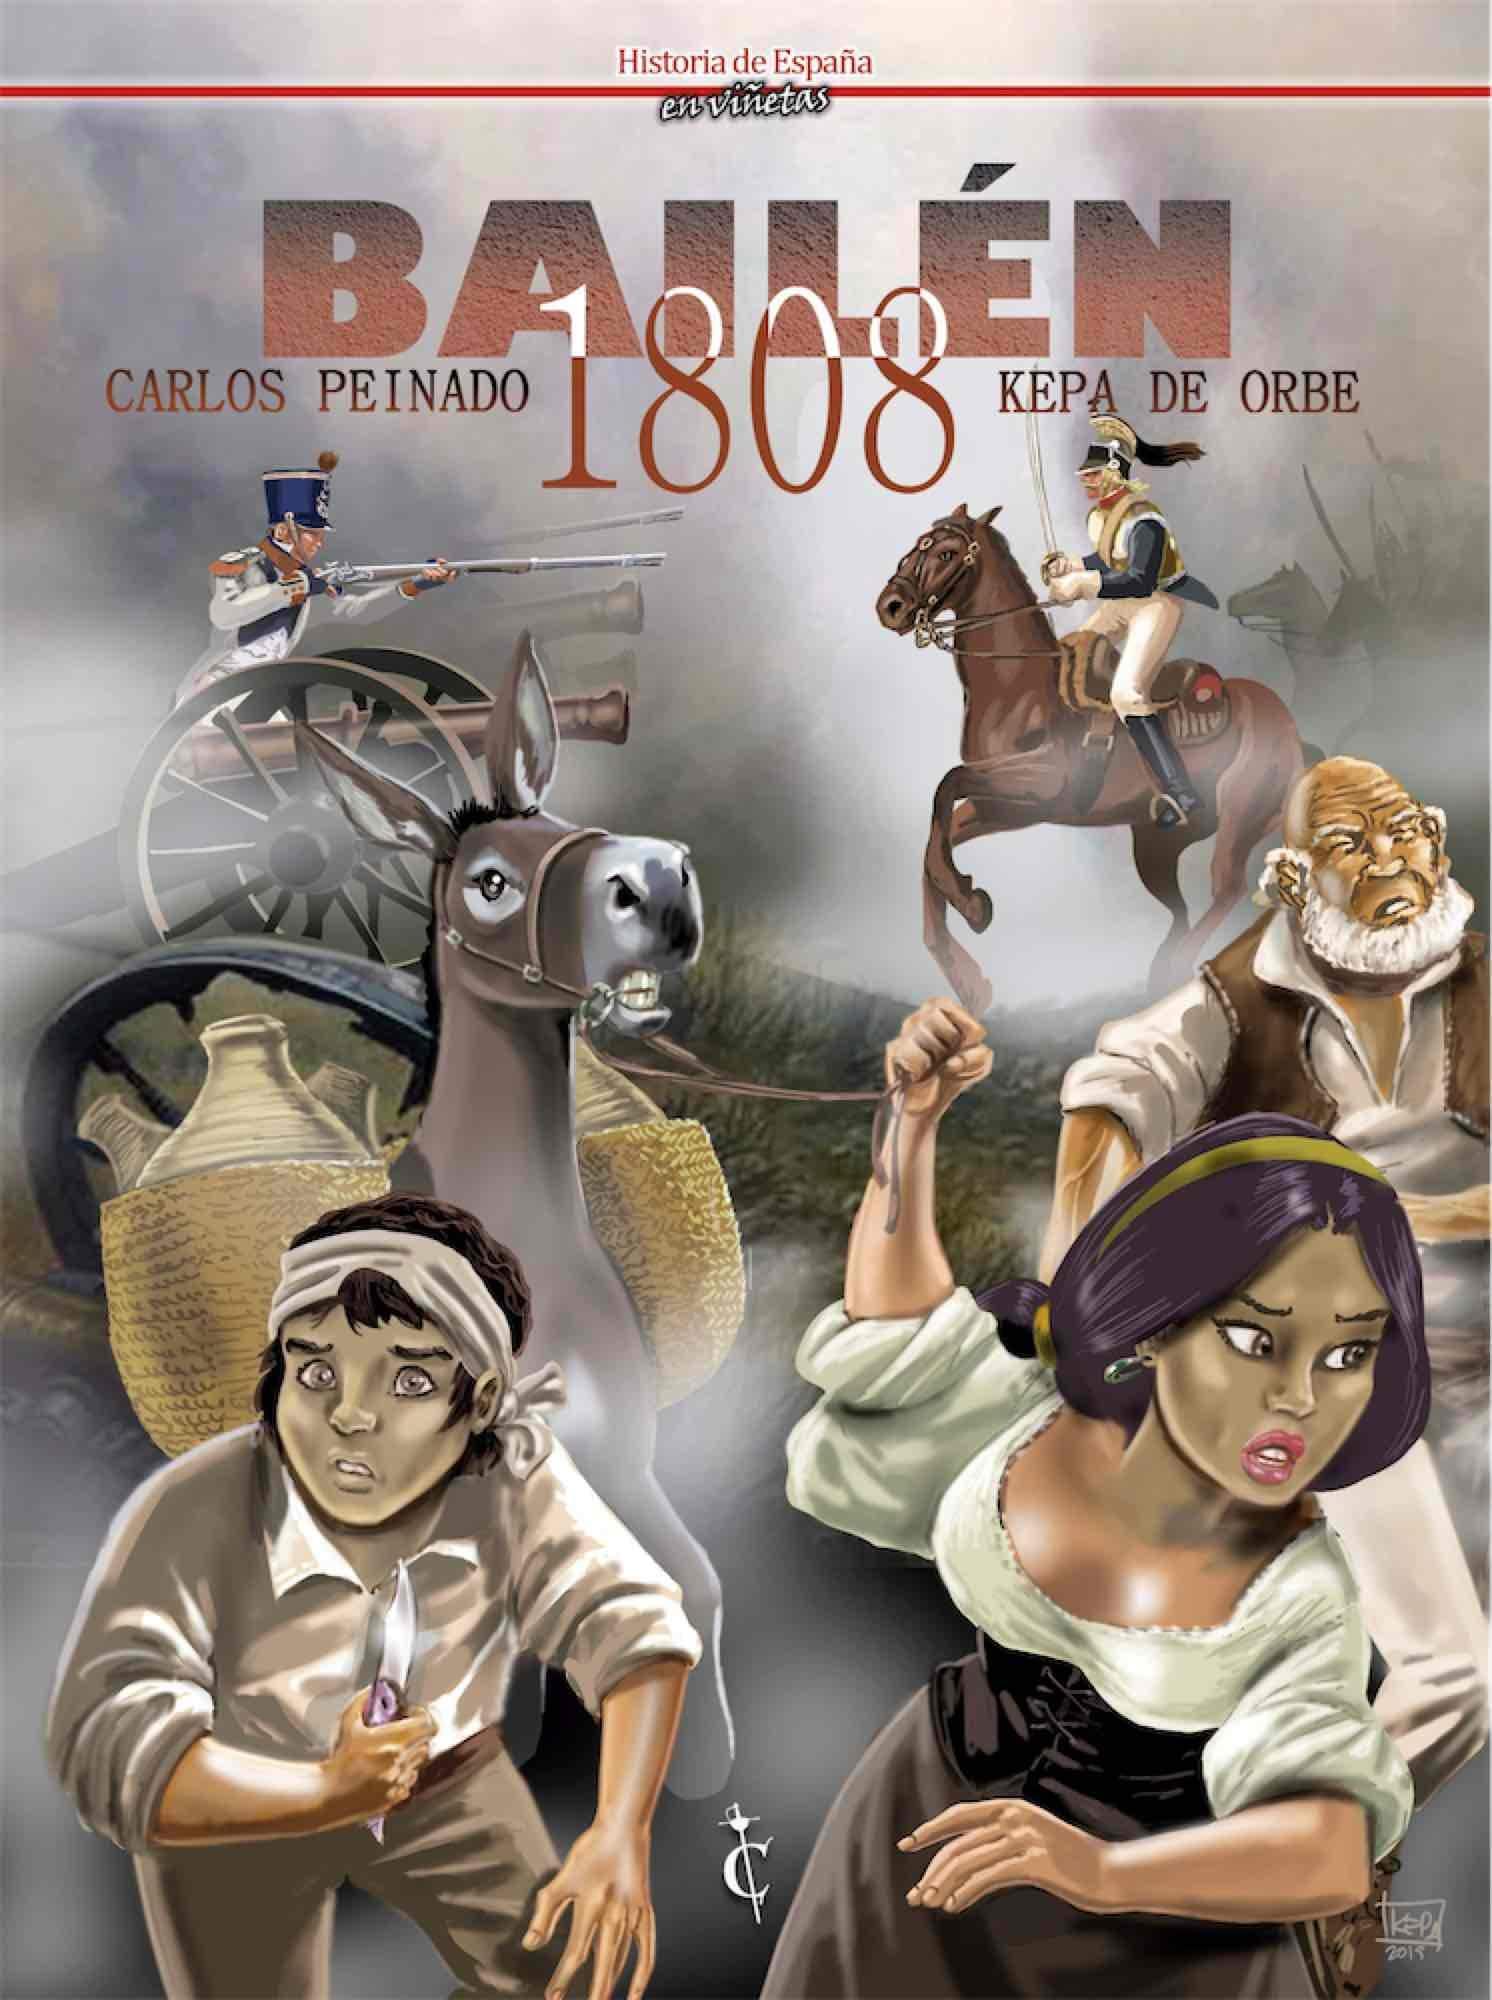 1808 Bailen: Amazon.es: Carlos Peinado, Carlos Peinado: Libros